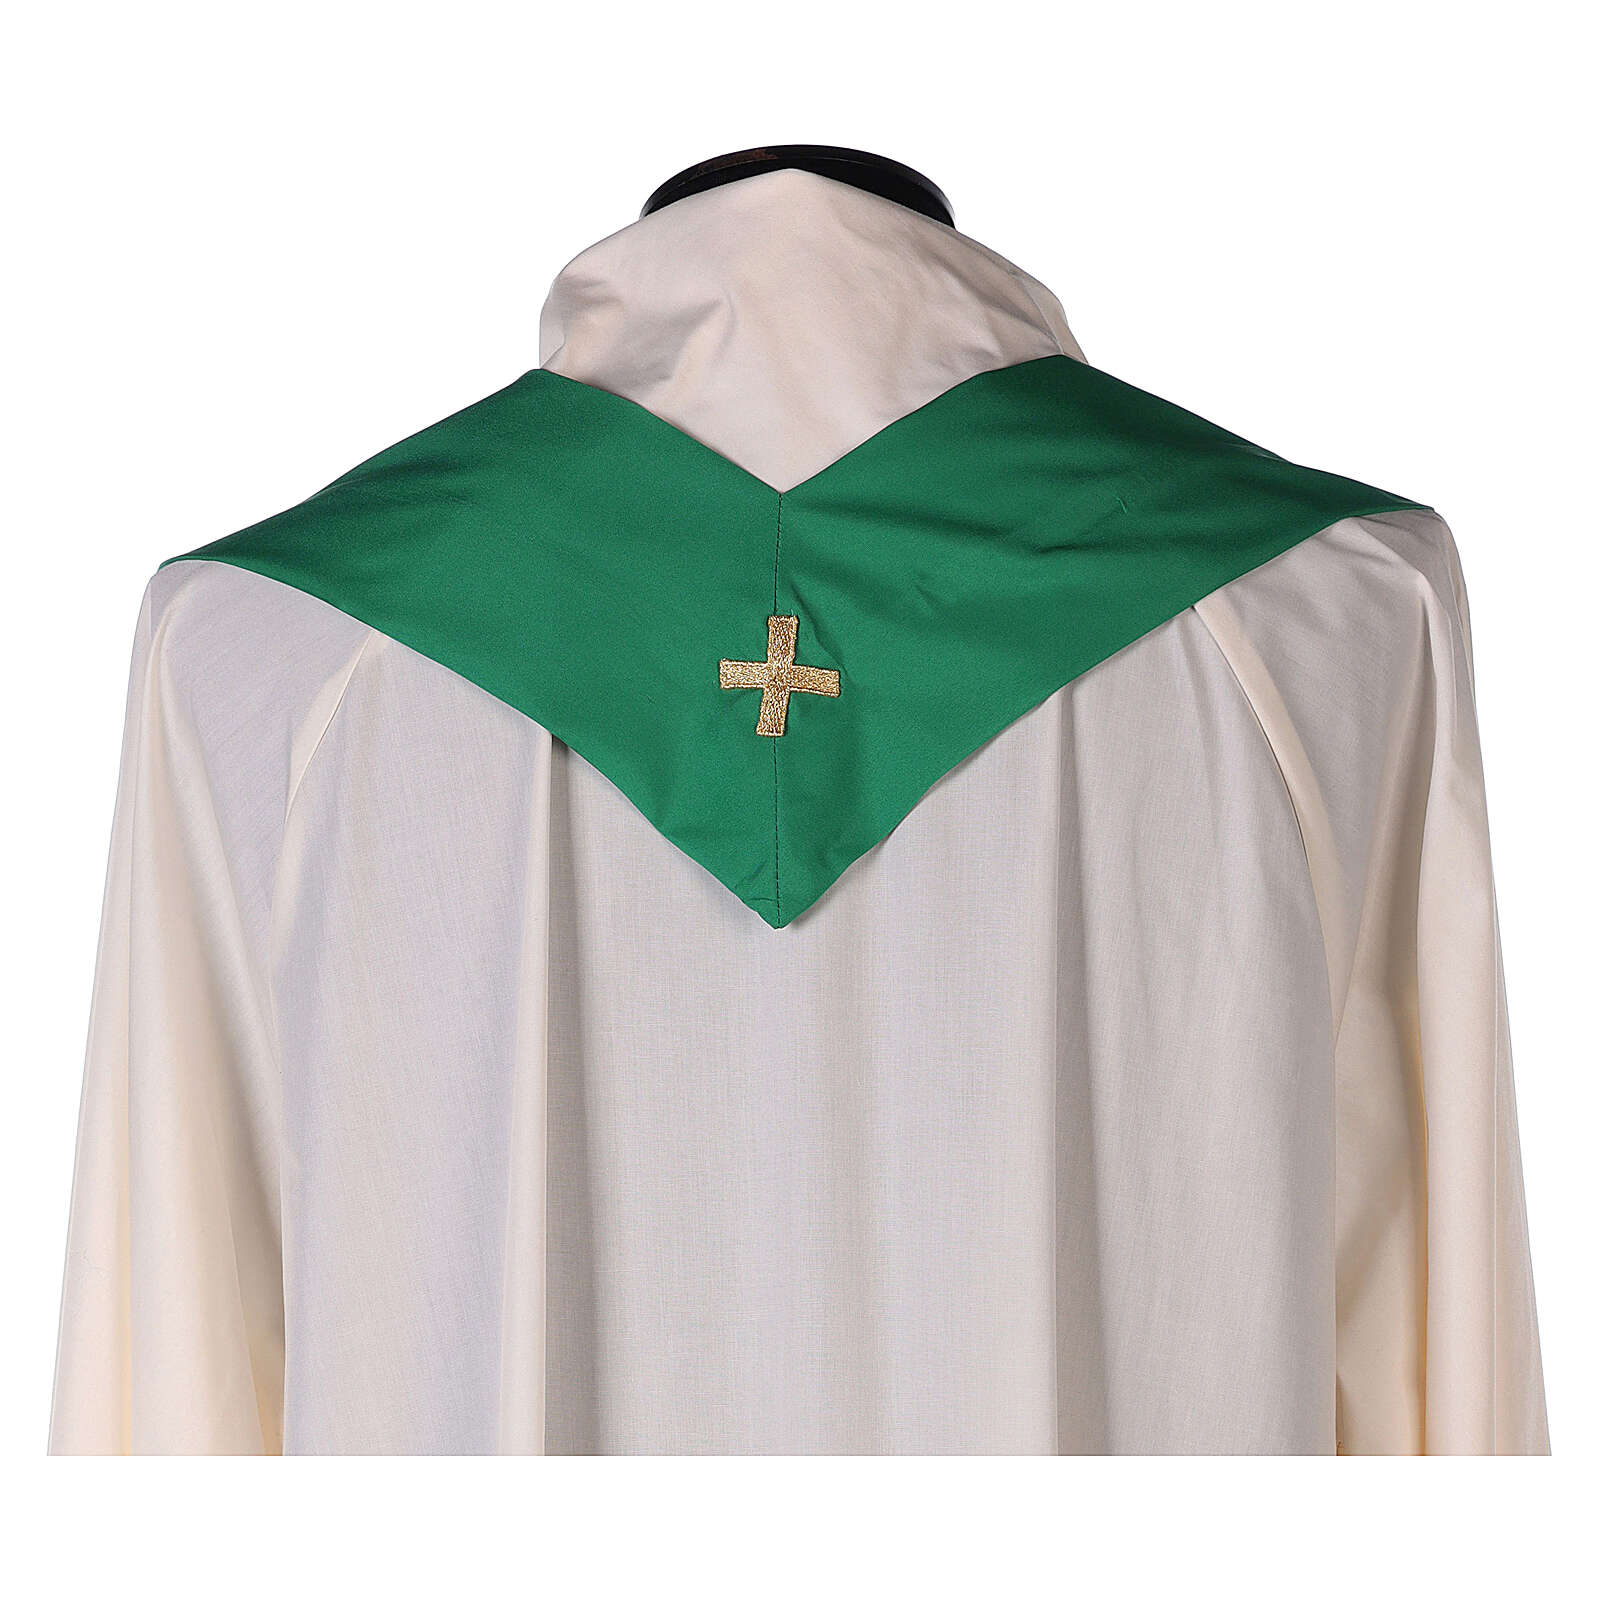 Casula poliéster bordado cruz decorada BAIXO PREÇO 4